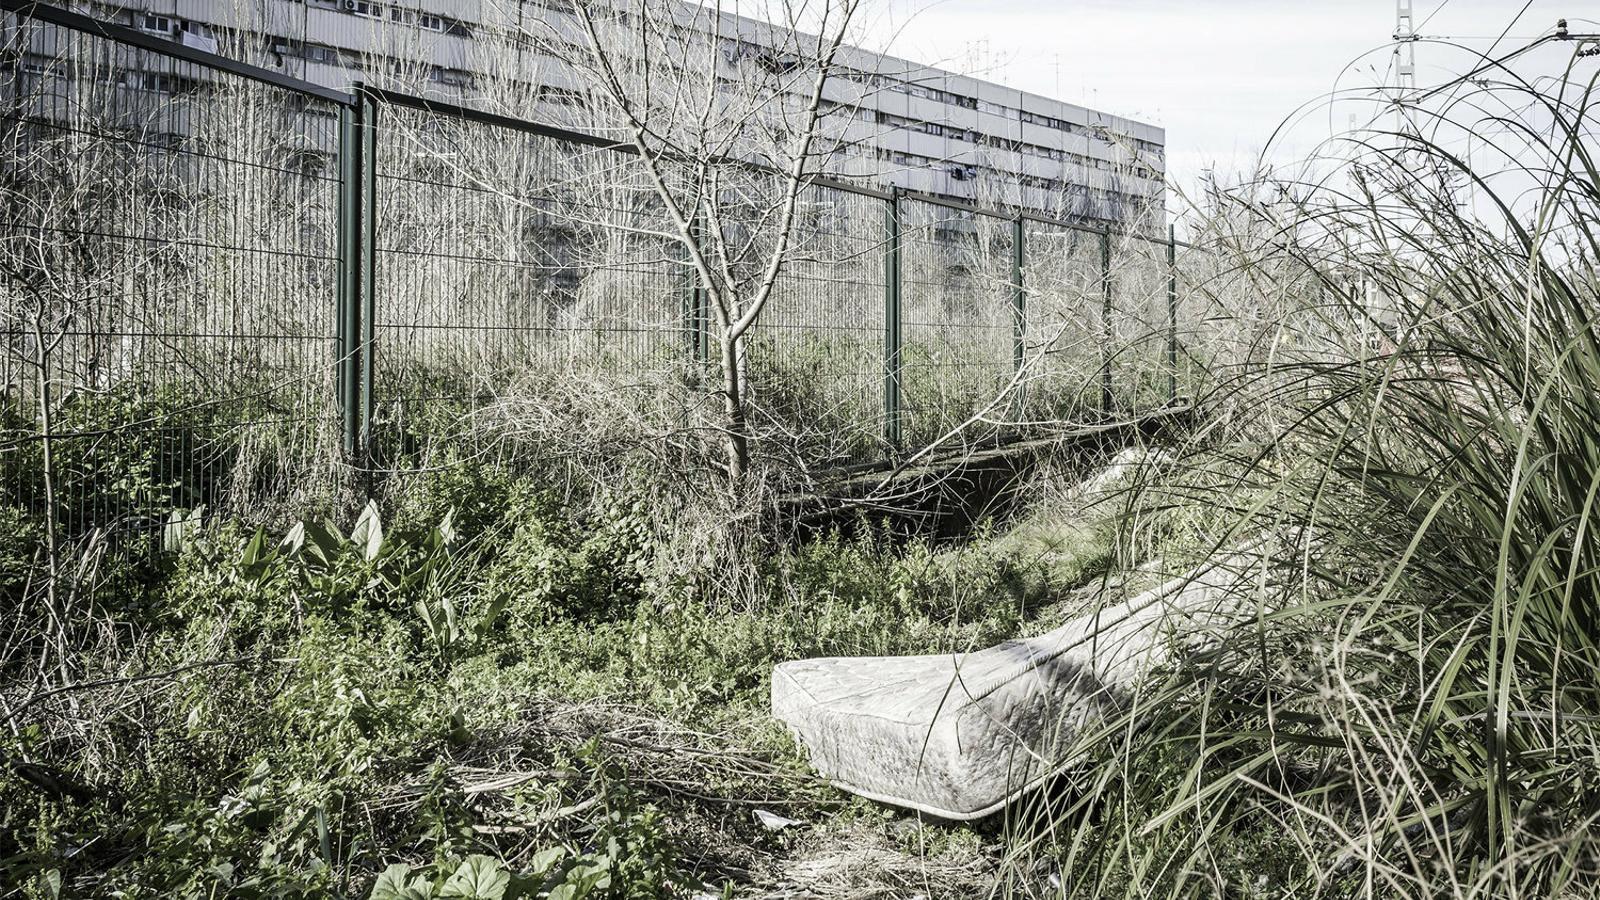 25/12/2017. Sant Adrià de Besòs (Barcelona). C. va degollar i apunyalar mortalment la seva parella. Després la va enterrar en un descampat al costat d'unes vies de tren.